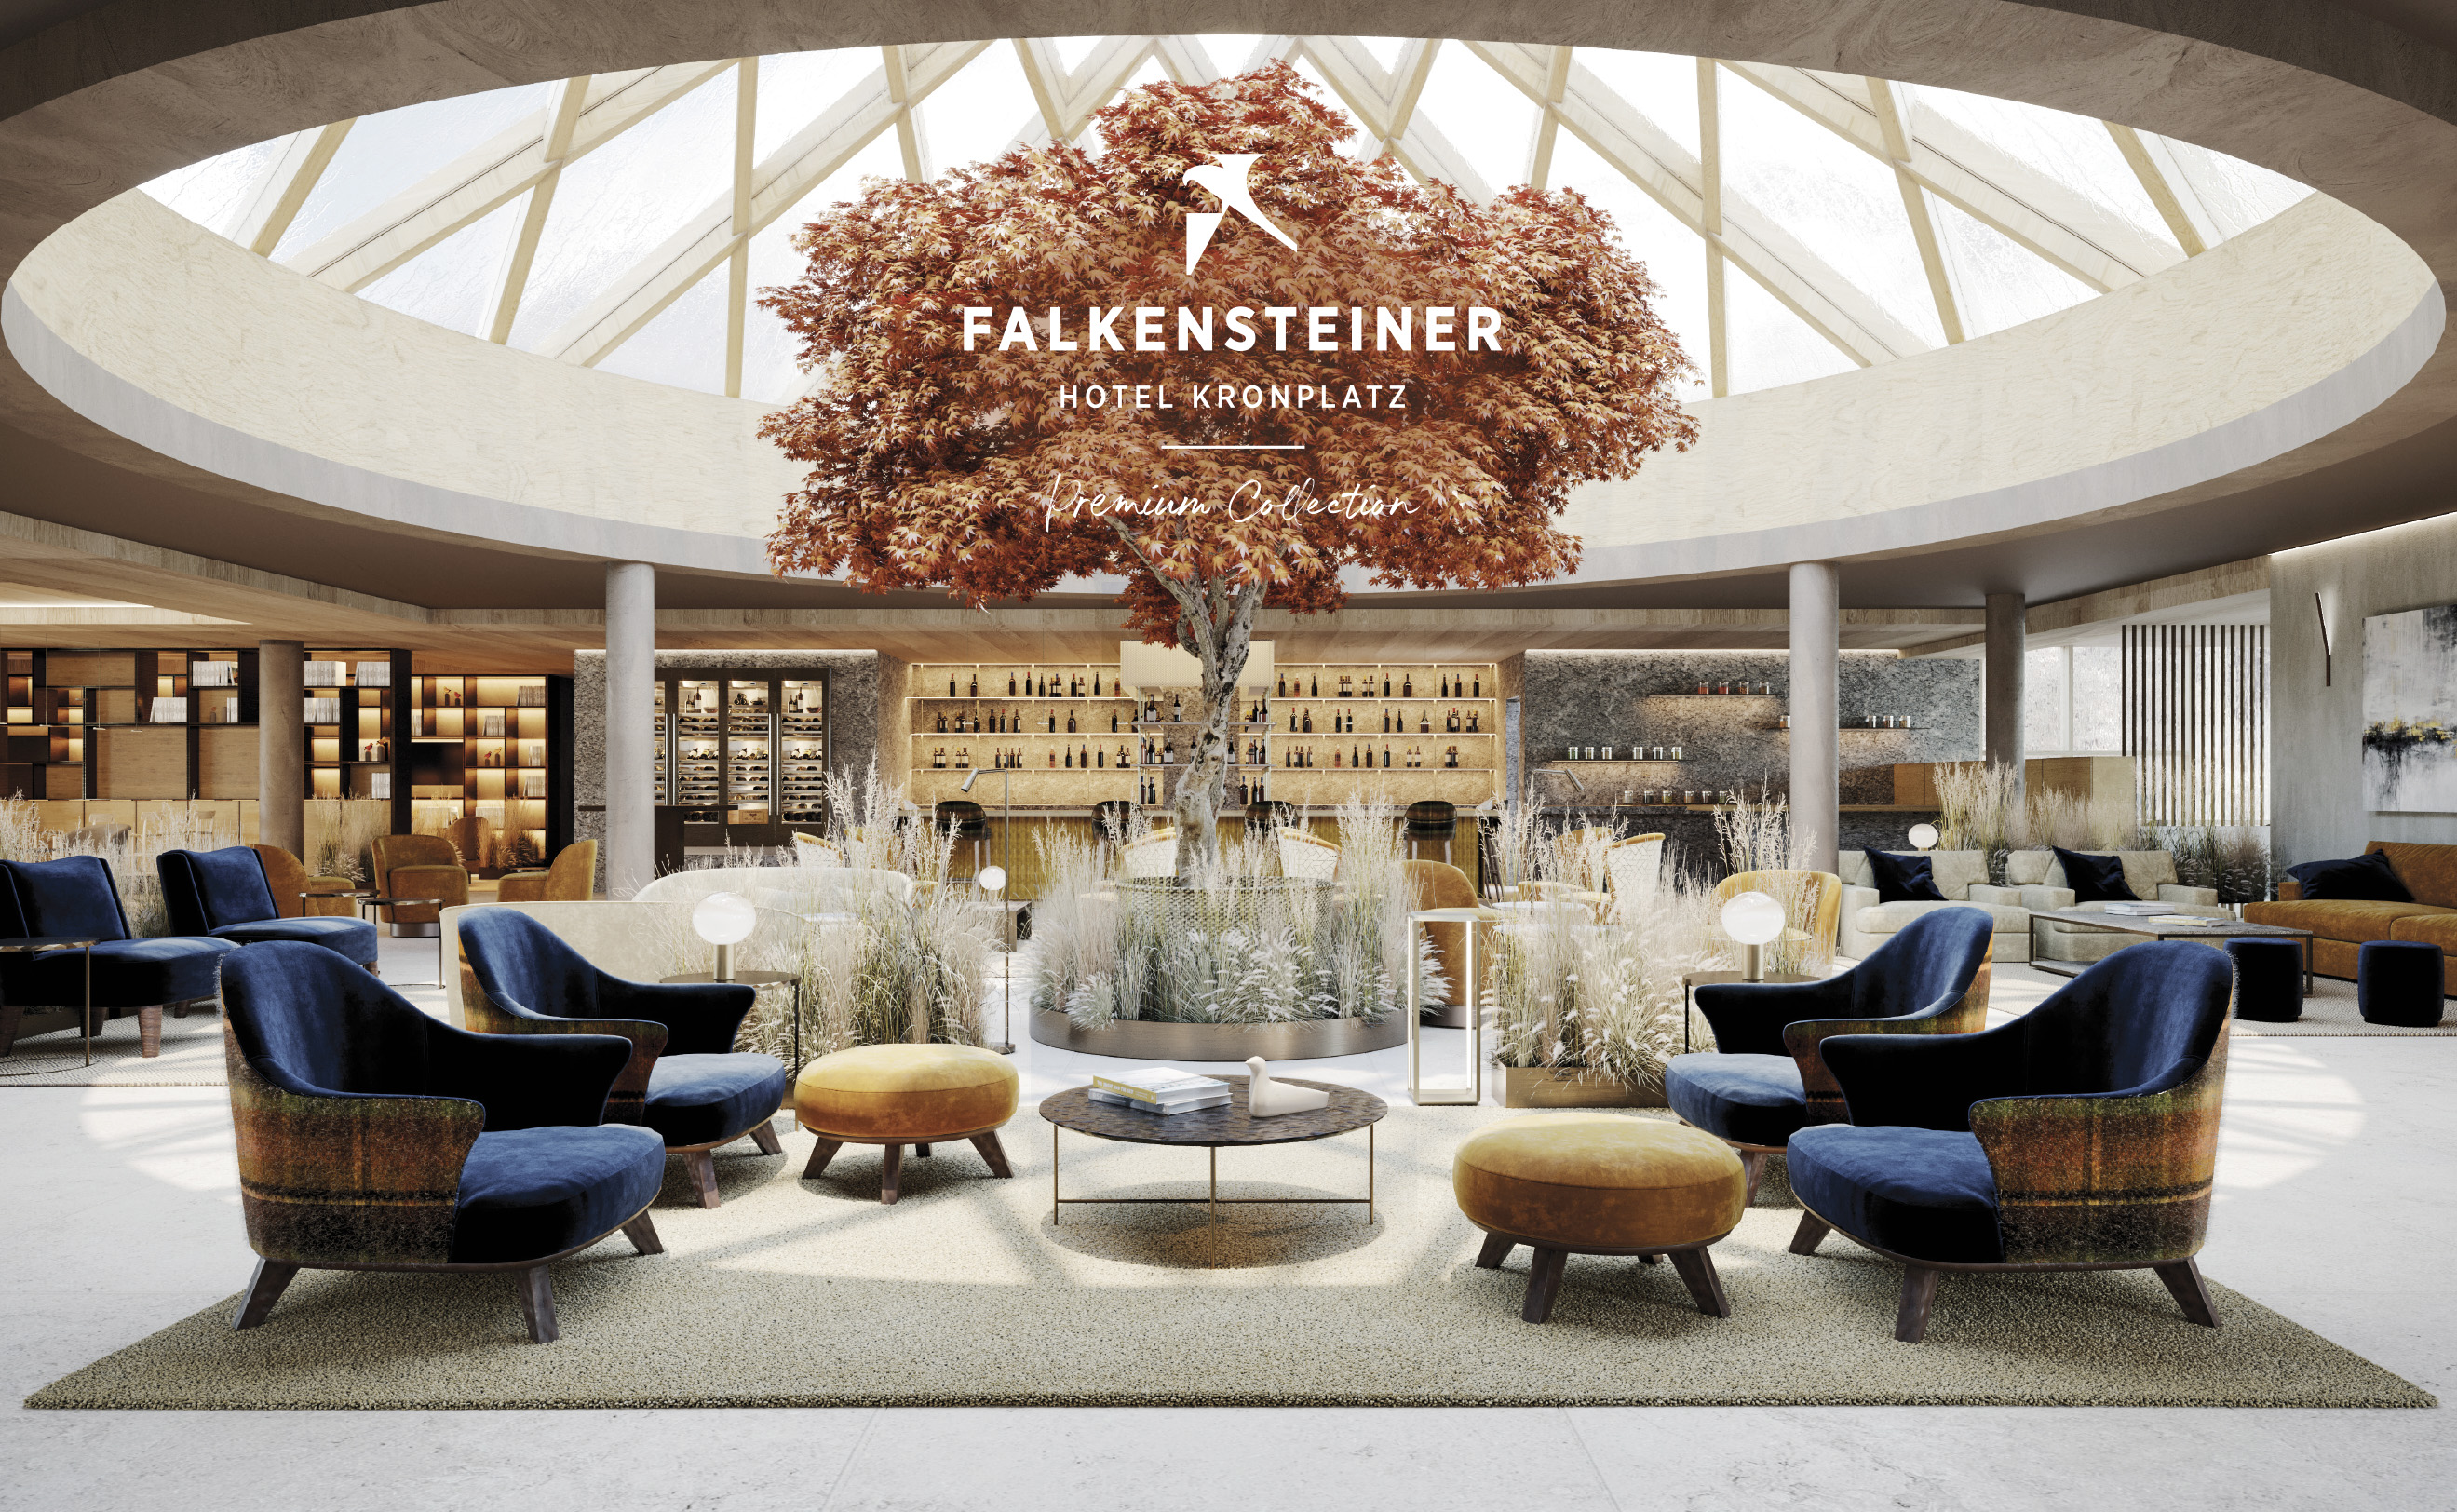 Falkensteiner Kronplatz, Italien 2020